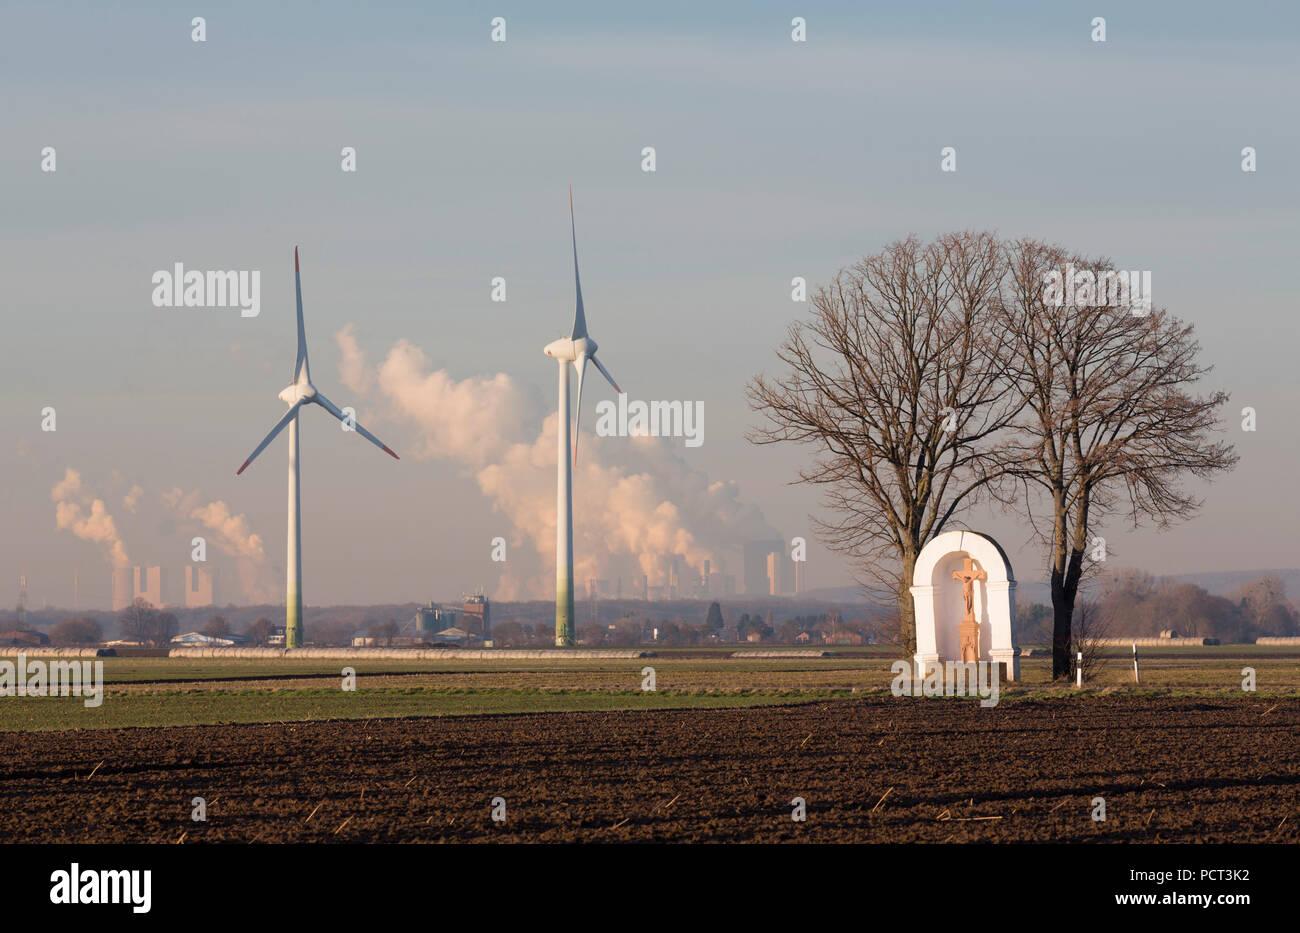 von zwei Linden flankierter Bildstock aus dem 18. Jahrhundert, dahinter zwei Windkraftanlagen und Kohlekraftwerke (Rheinisches Braunkohlerevier) - Stock Image